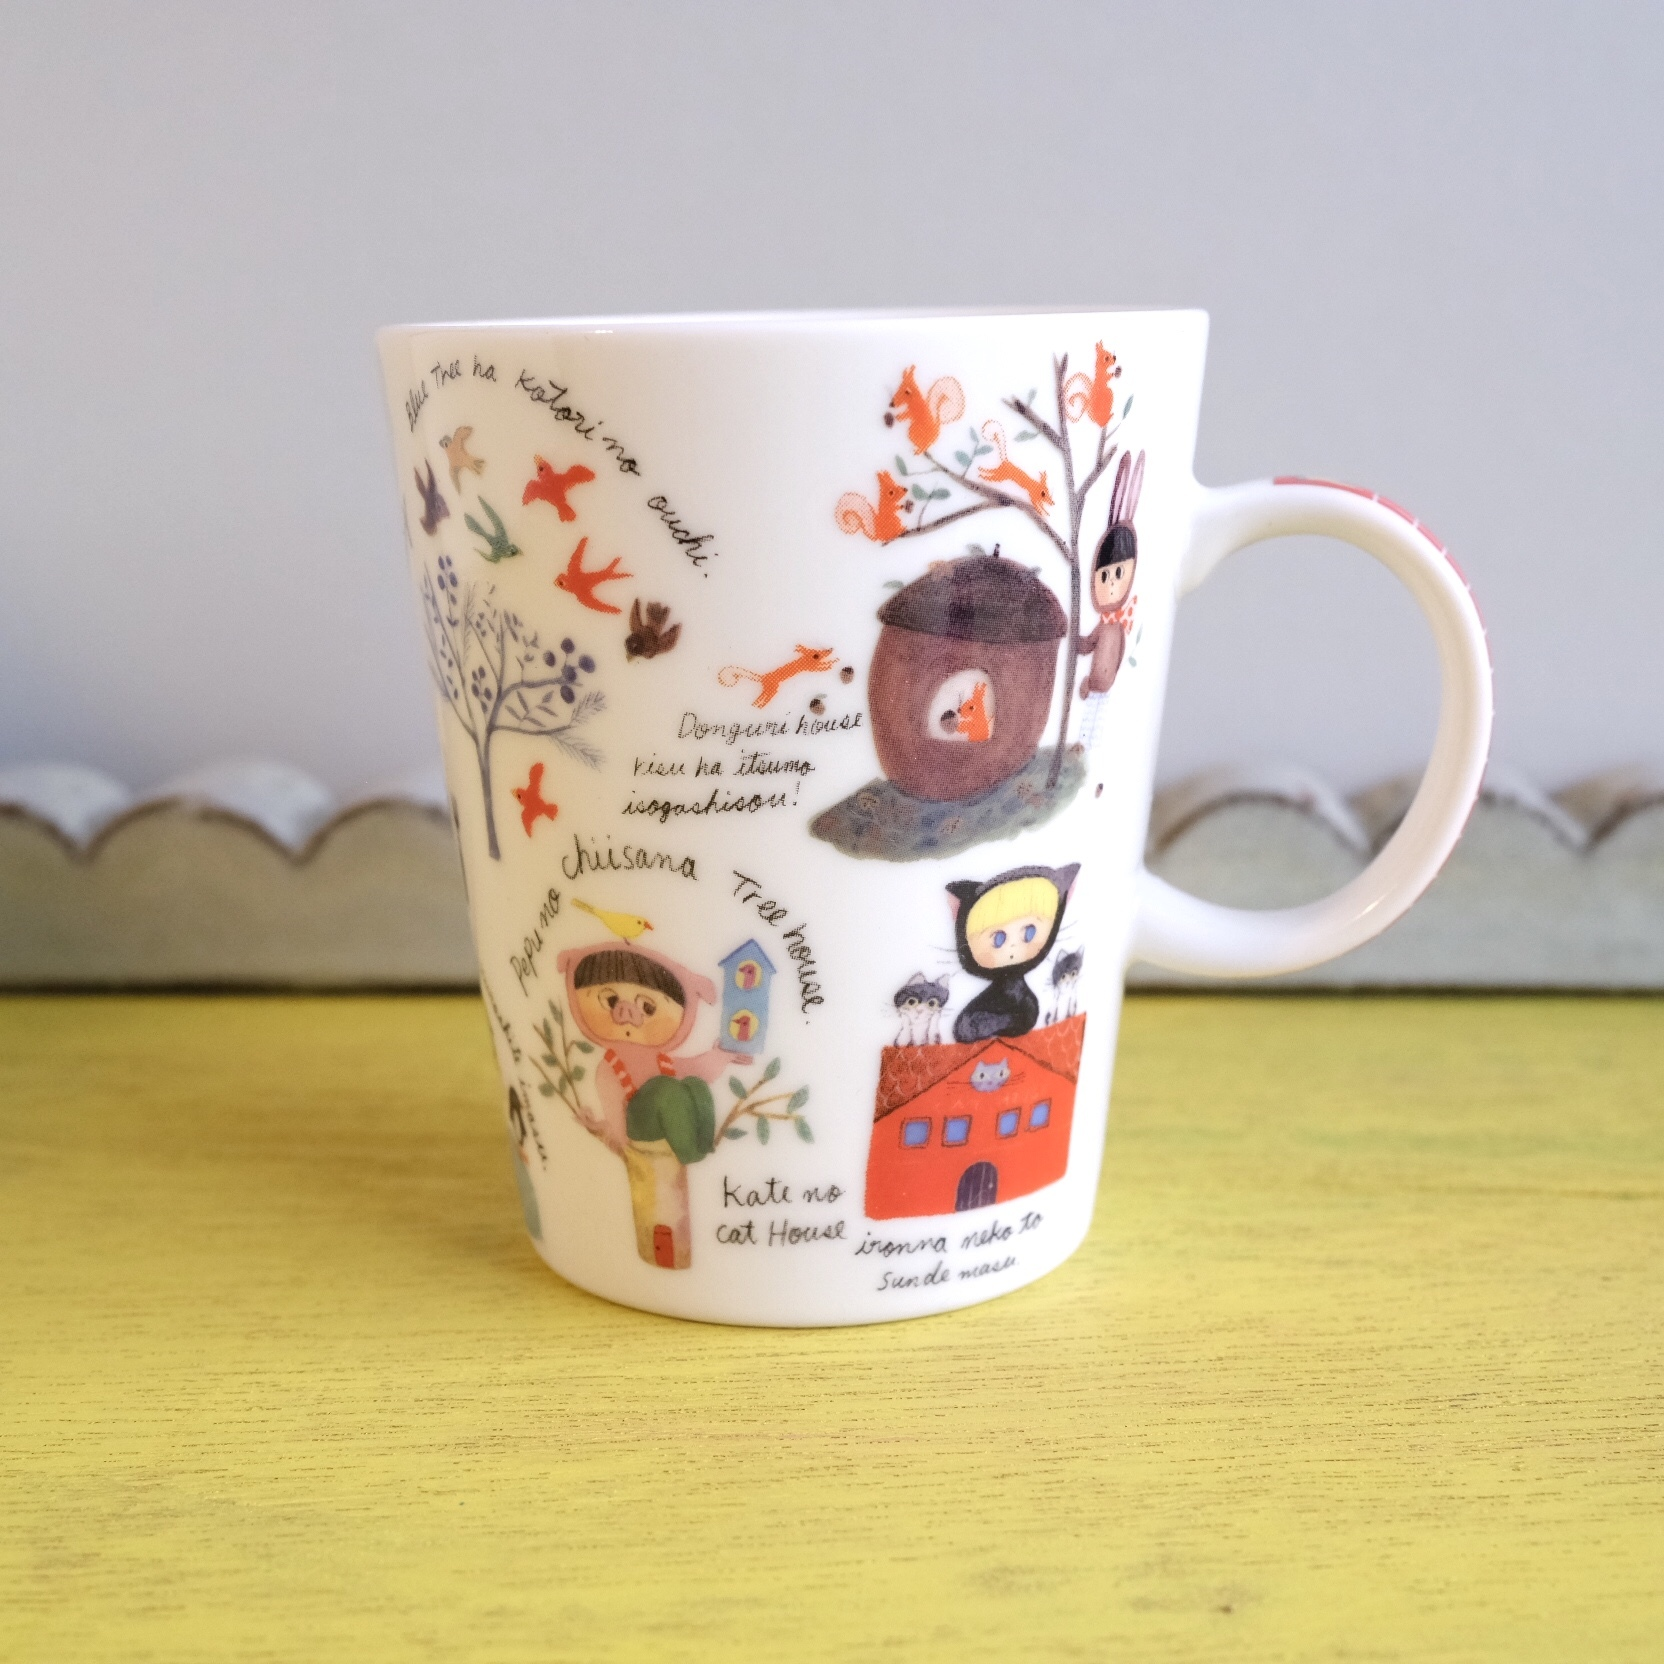 Ecoute! Funny mug no.105